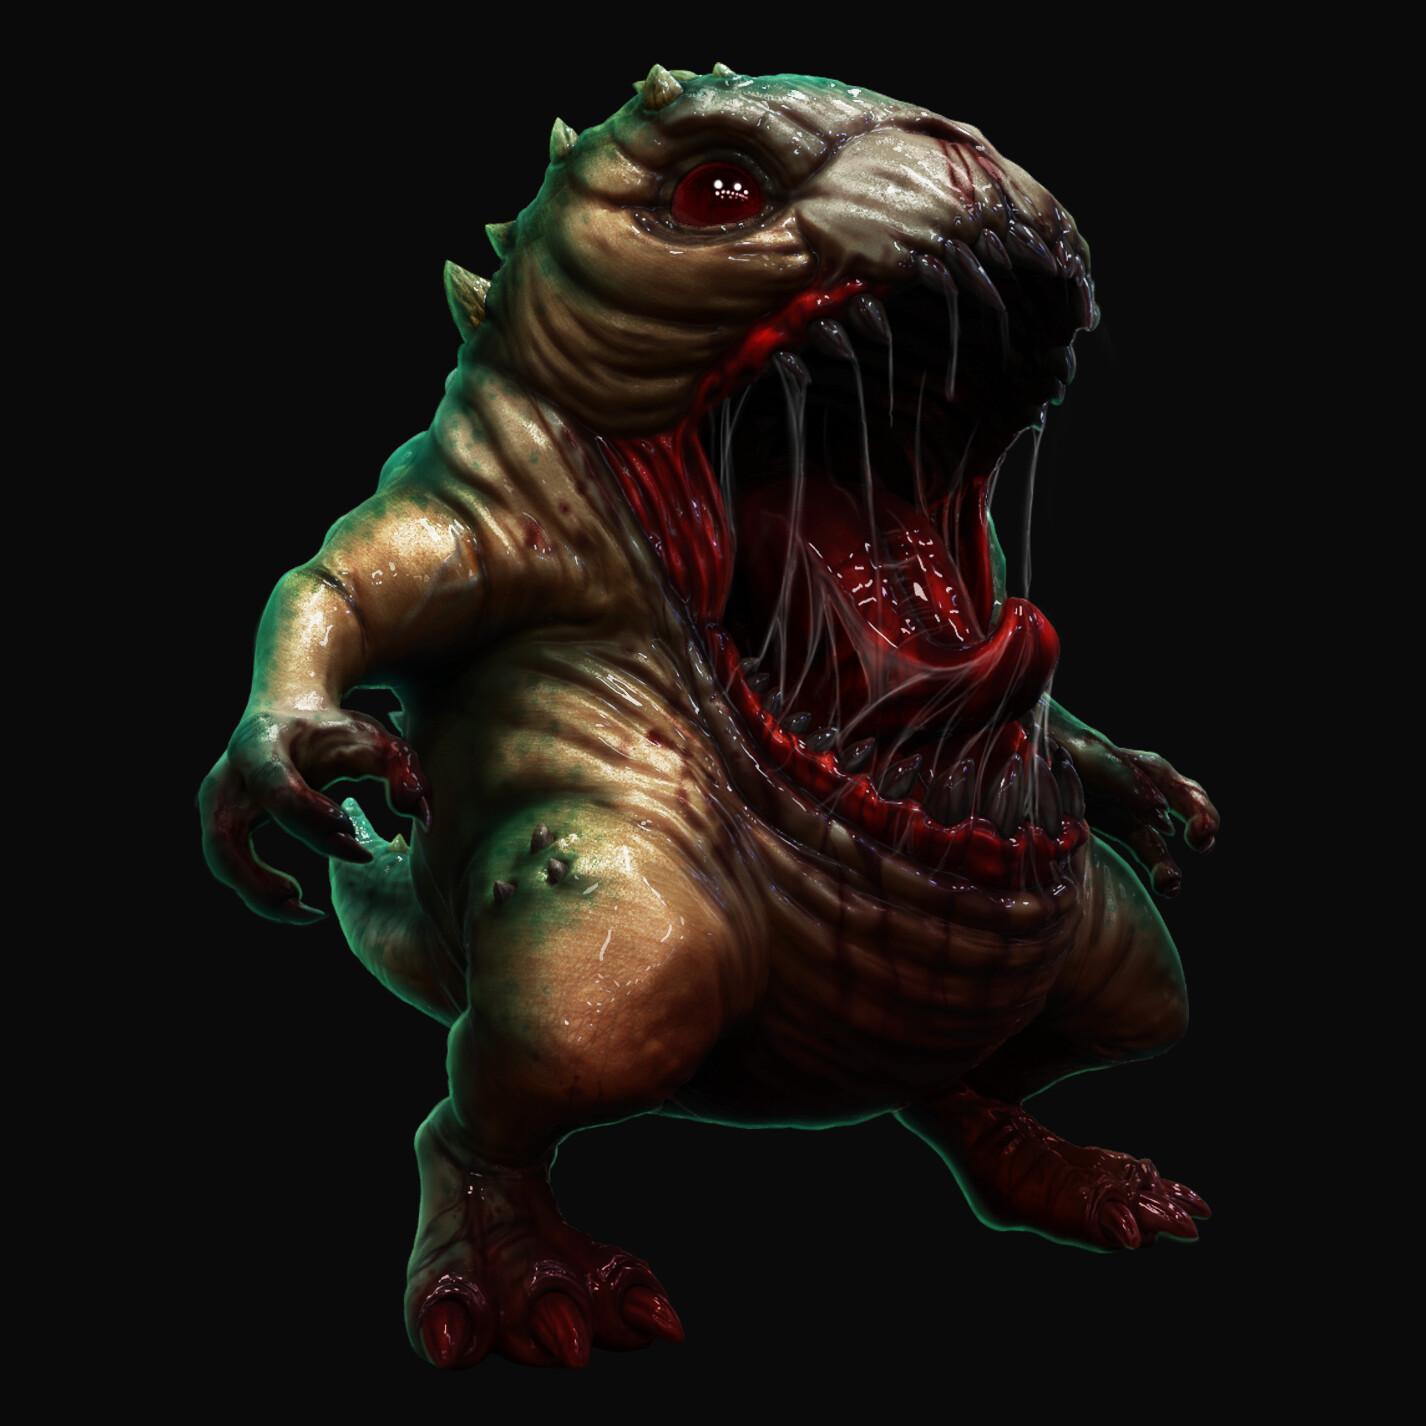 Brian dolan monster